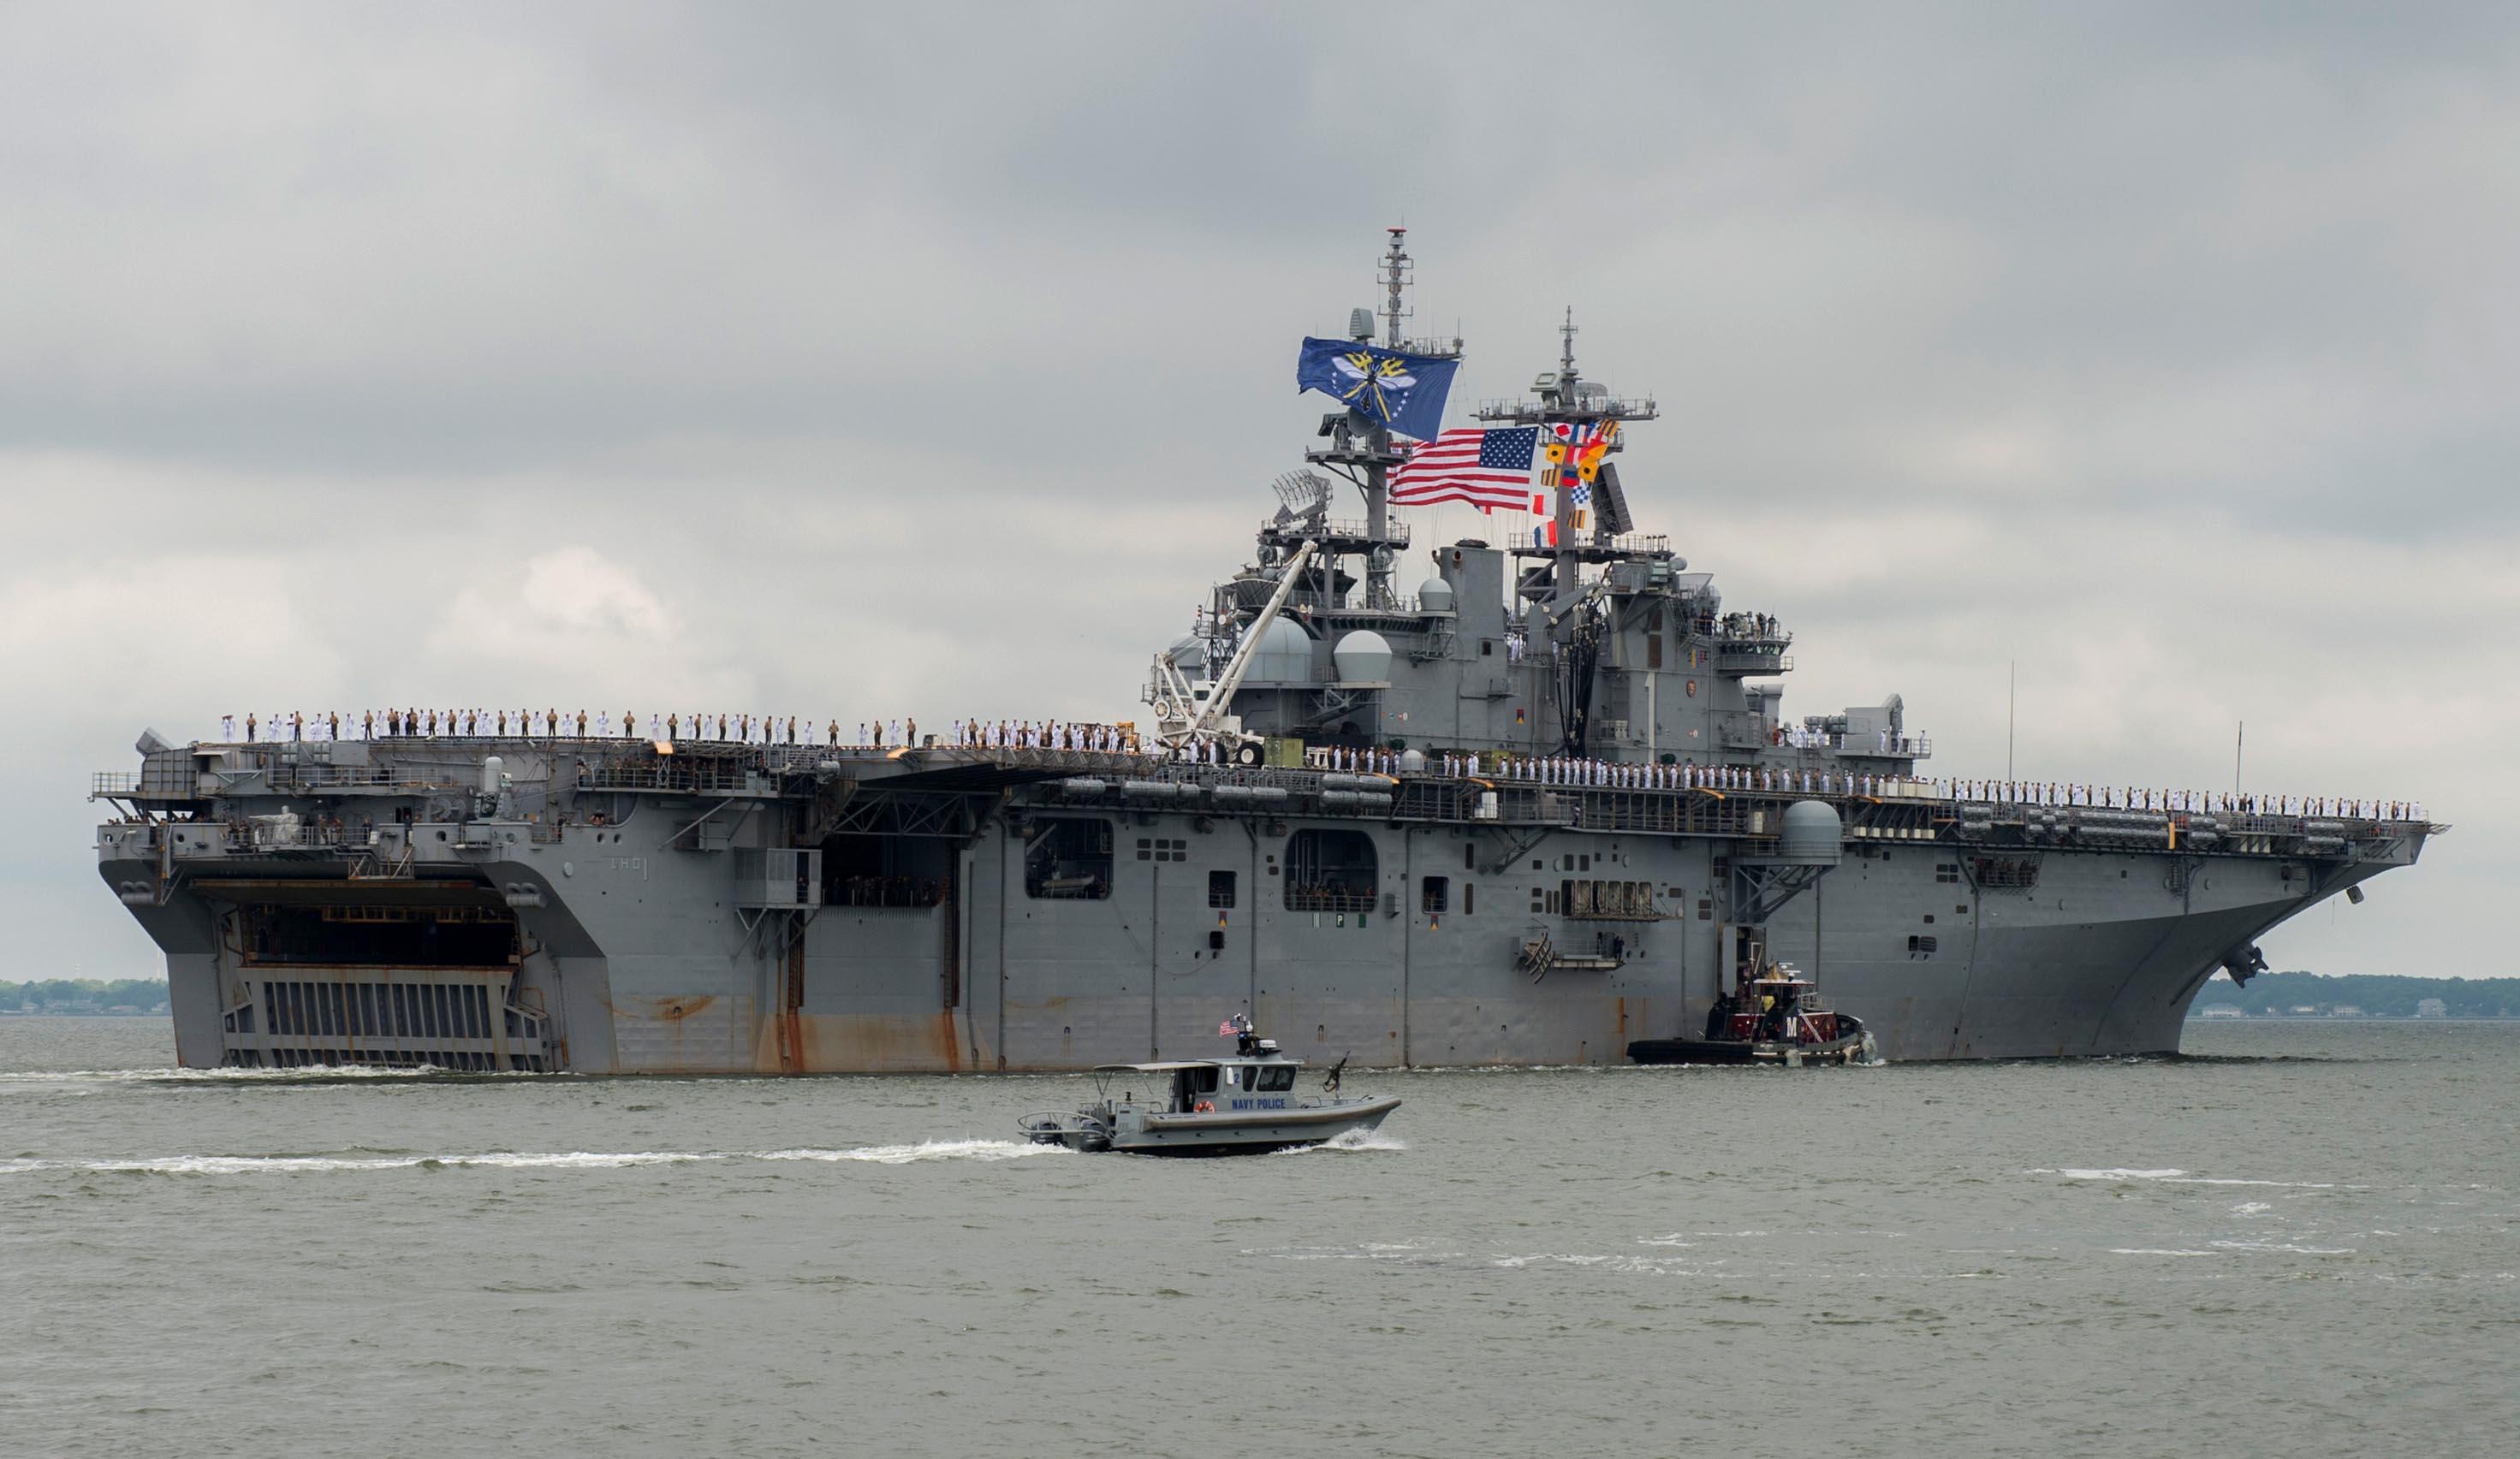 USS WASP LHD-1 Auslaufen Norfolk am 25.06.2016 Bild: U.S. Navy